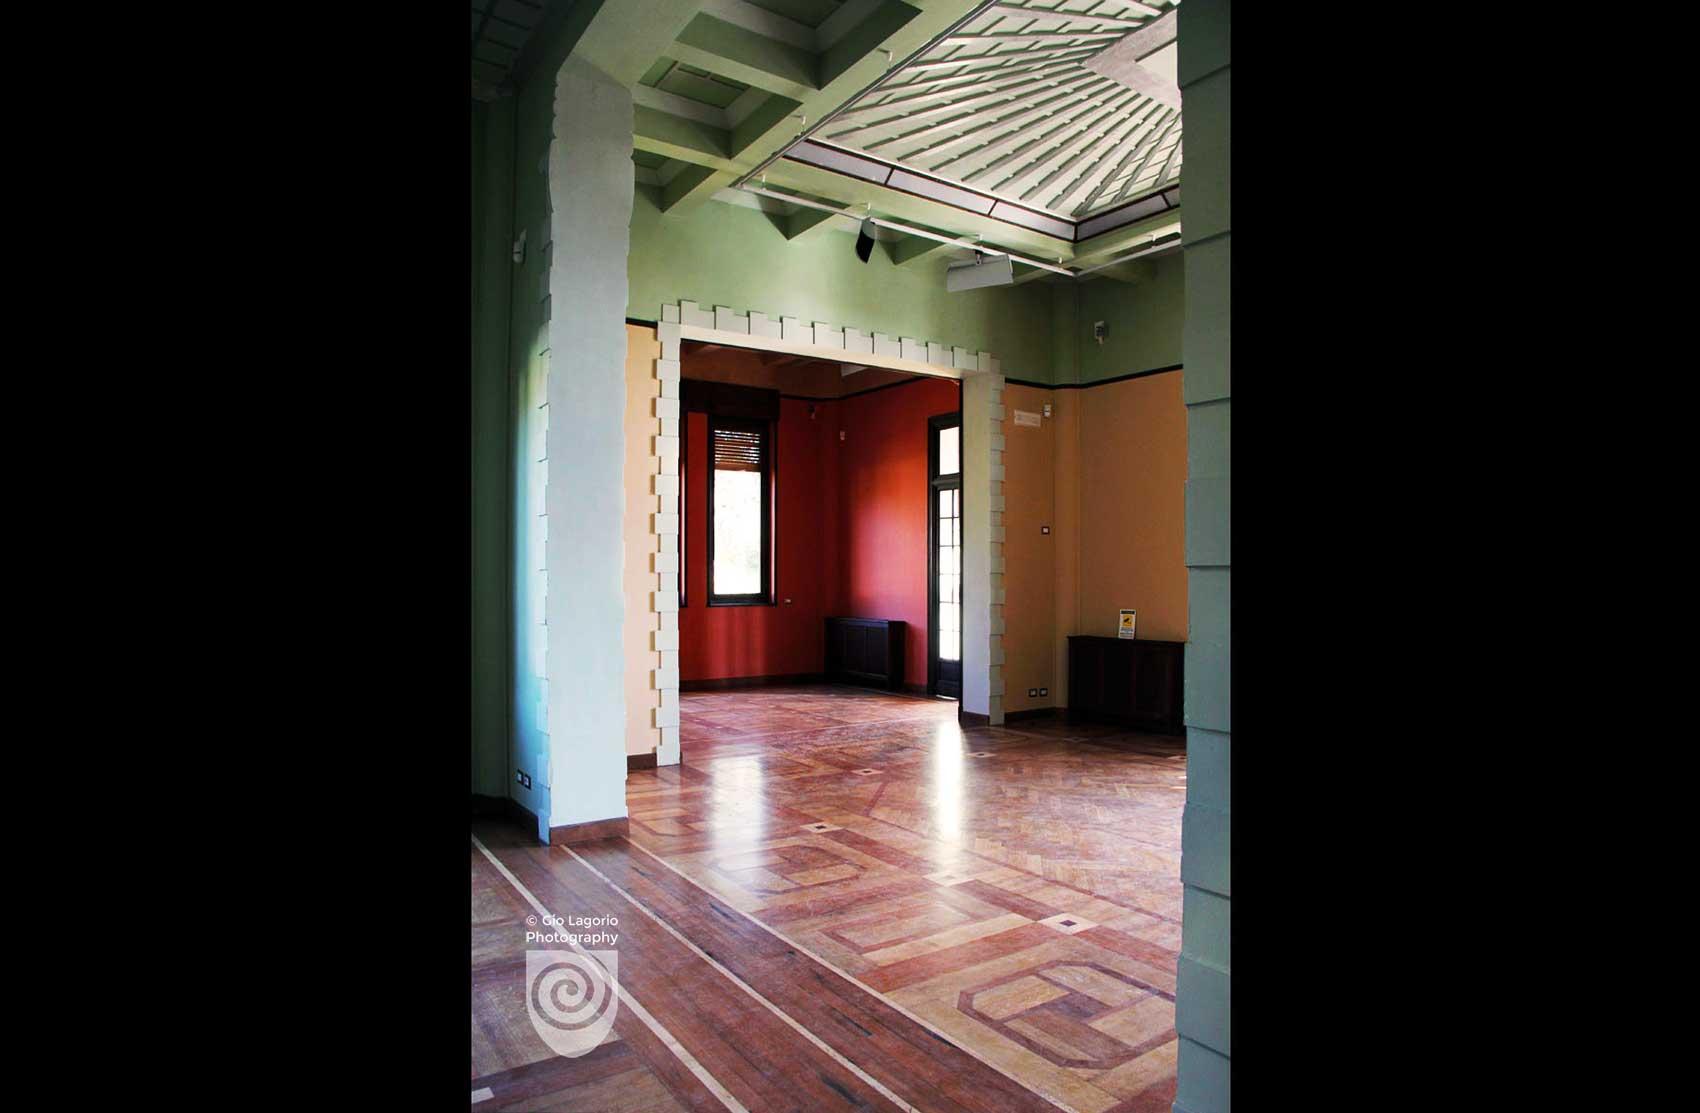 Sala attigua al salone con soffitto a raggiera